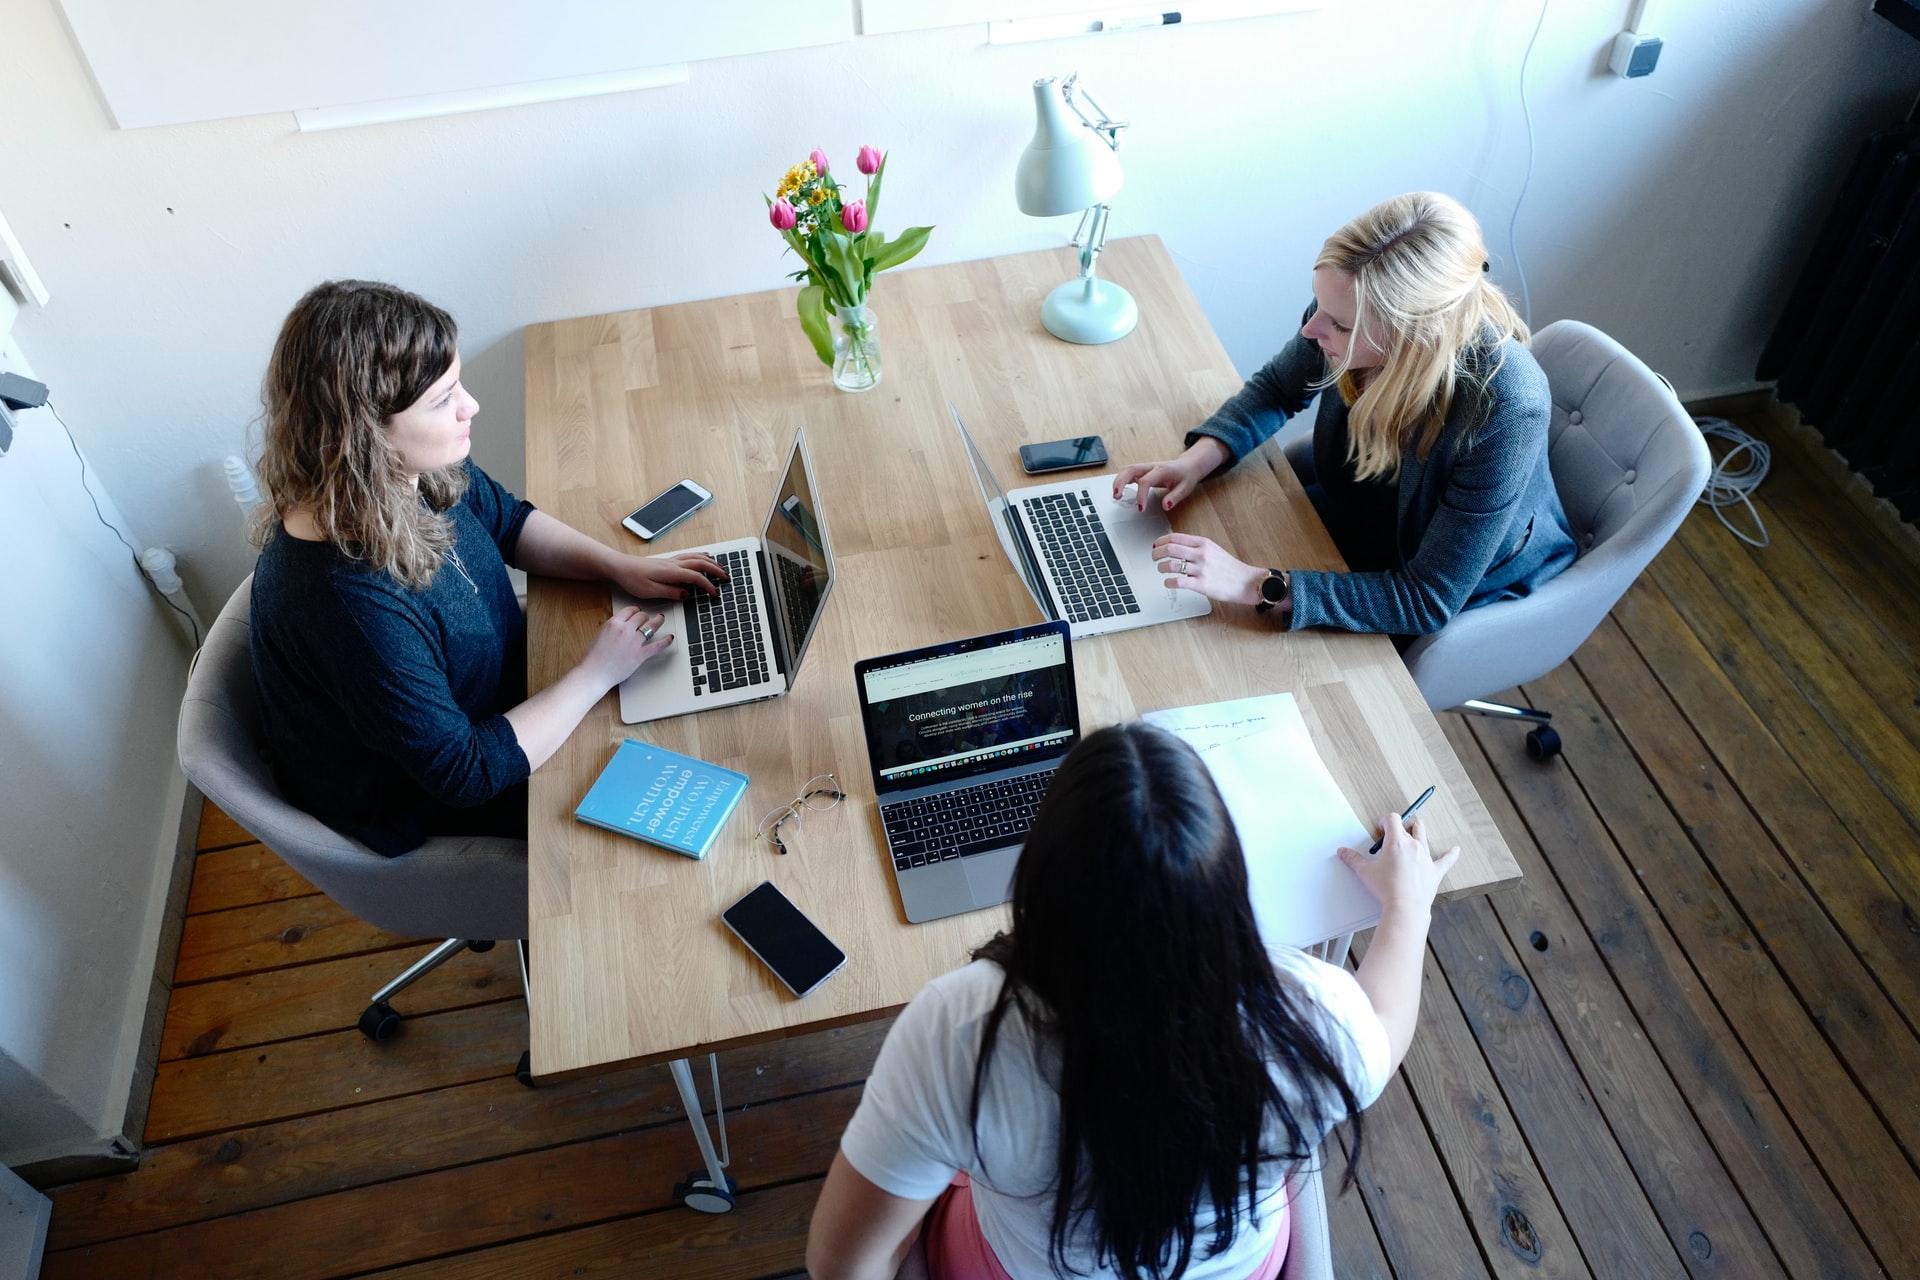 Frauen im Büro - Englische Akronyme